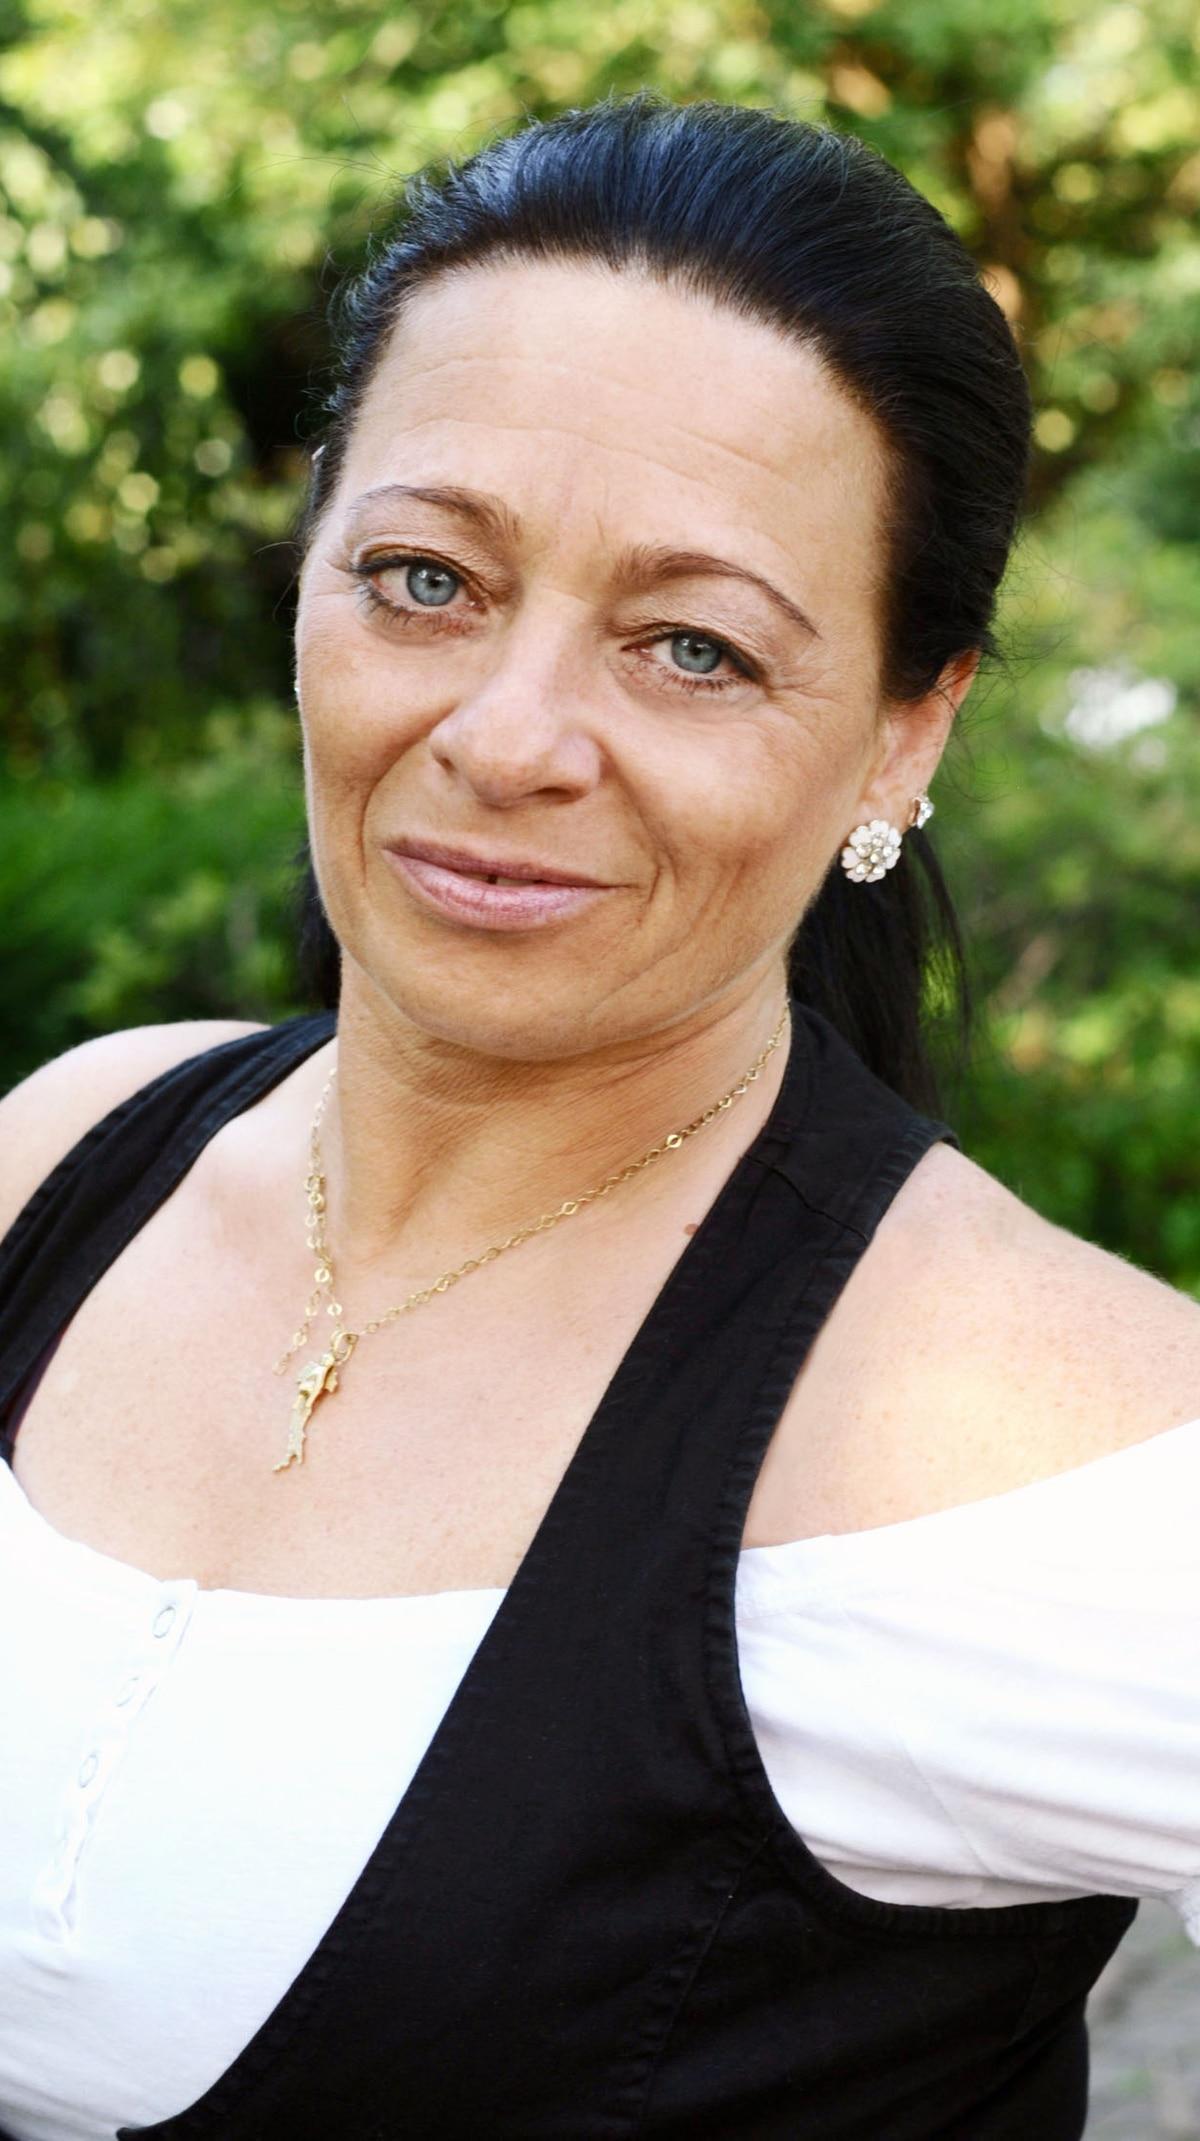 Giulia Peroni